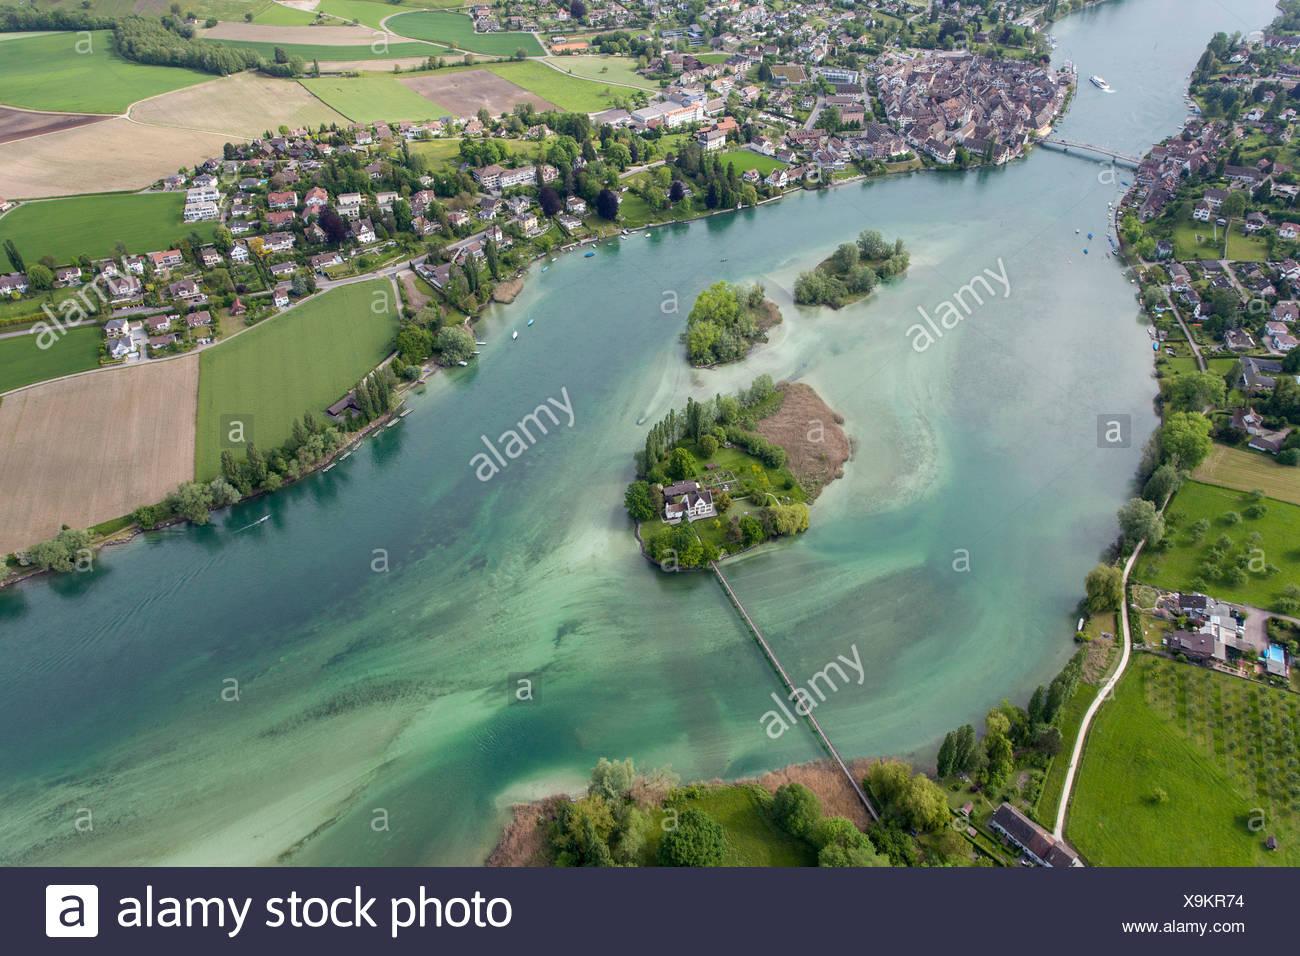 Island Werd and Stein am Rhein, Switzerland, Europe - Stock Image